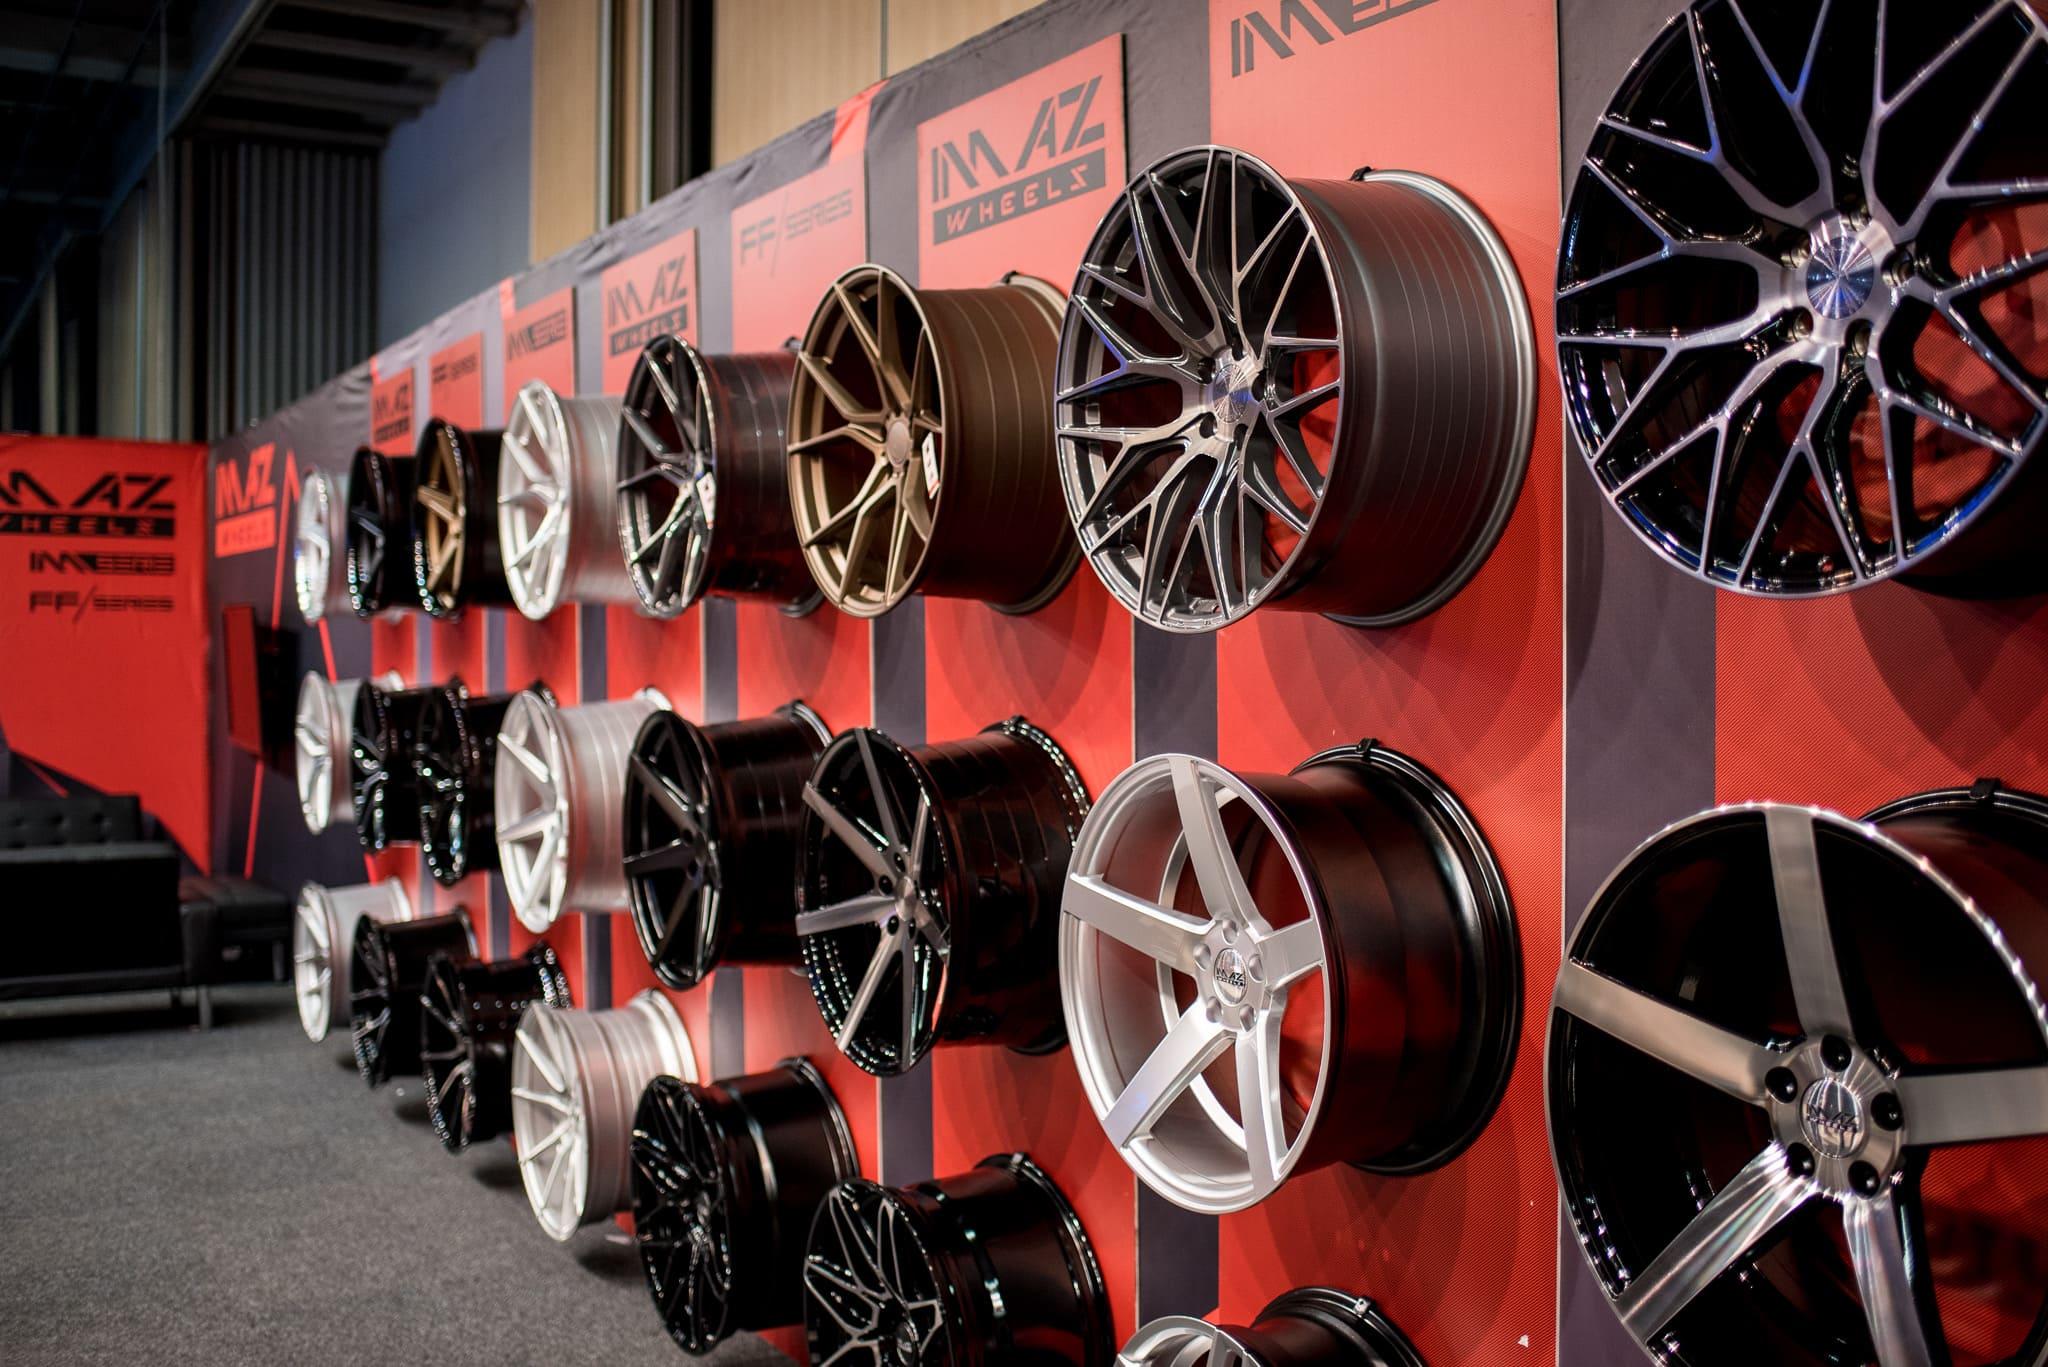 Däckline Imaz Wheels Monter Automässan 2020 Svenska Mässan Göteborg Front Row Exhibitions